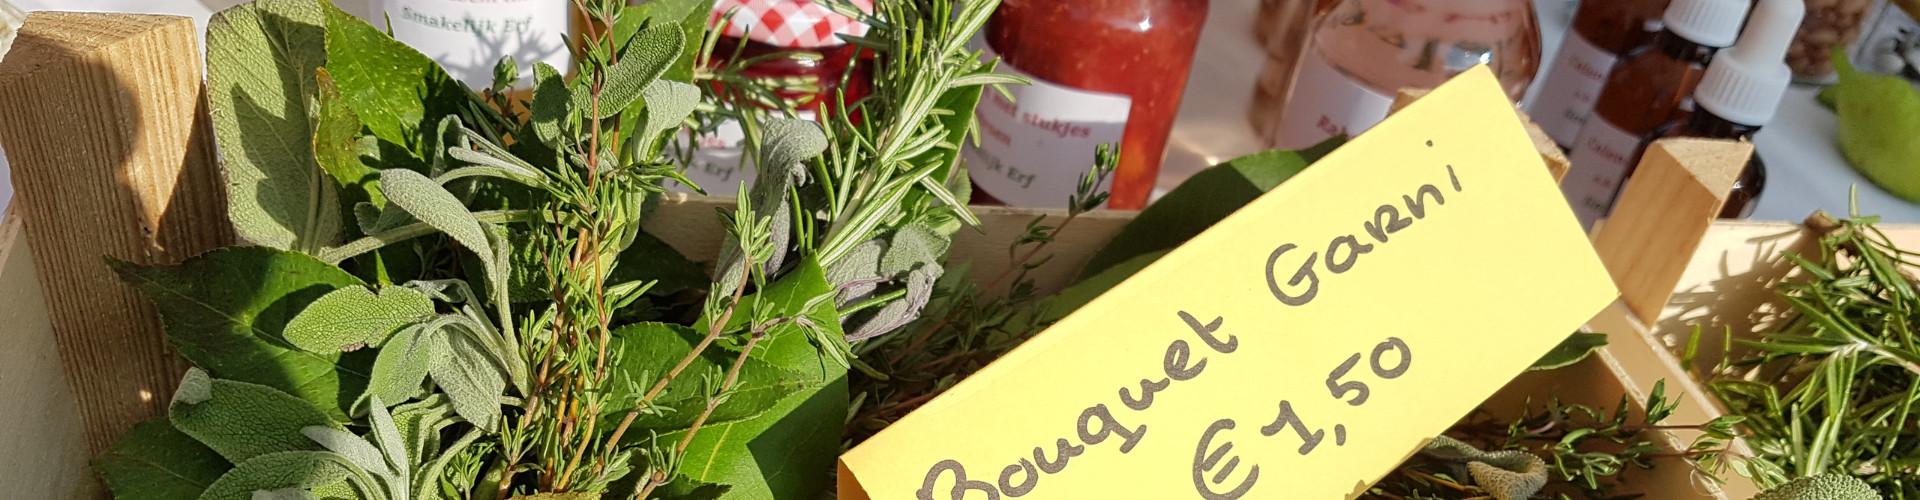 Bouguet Garni